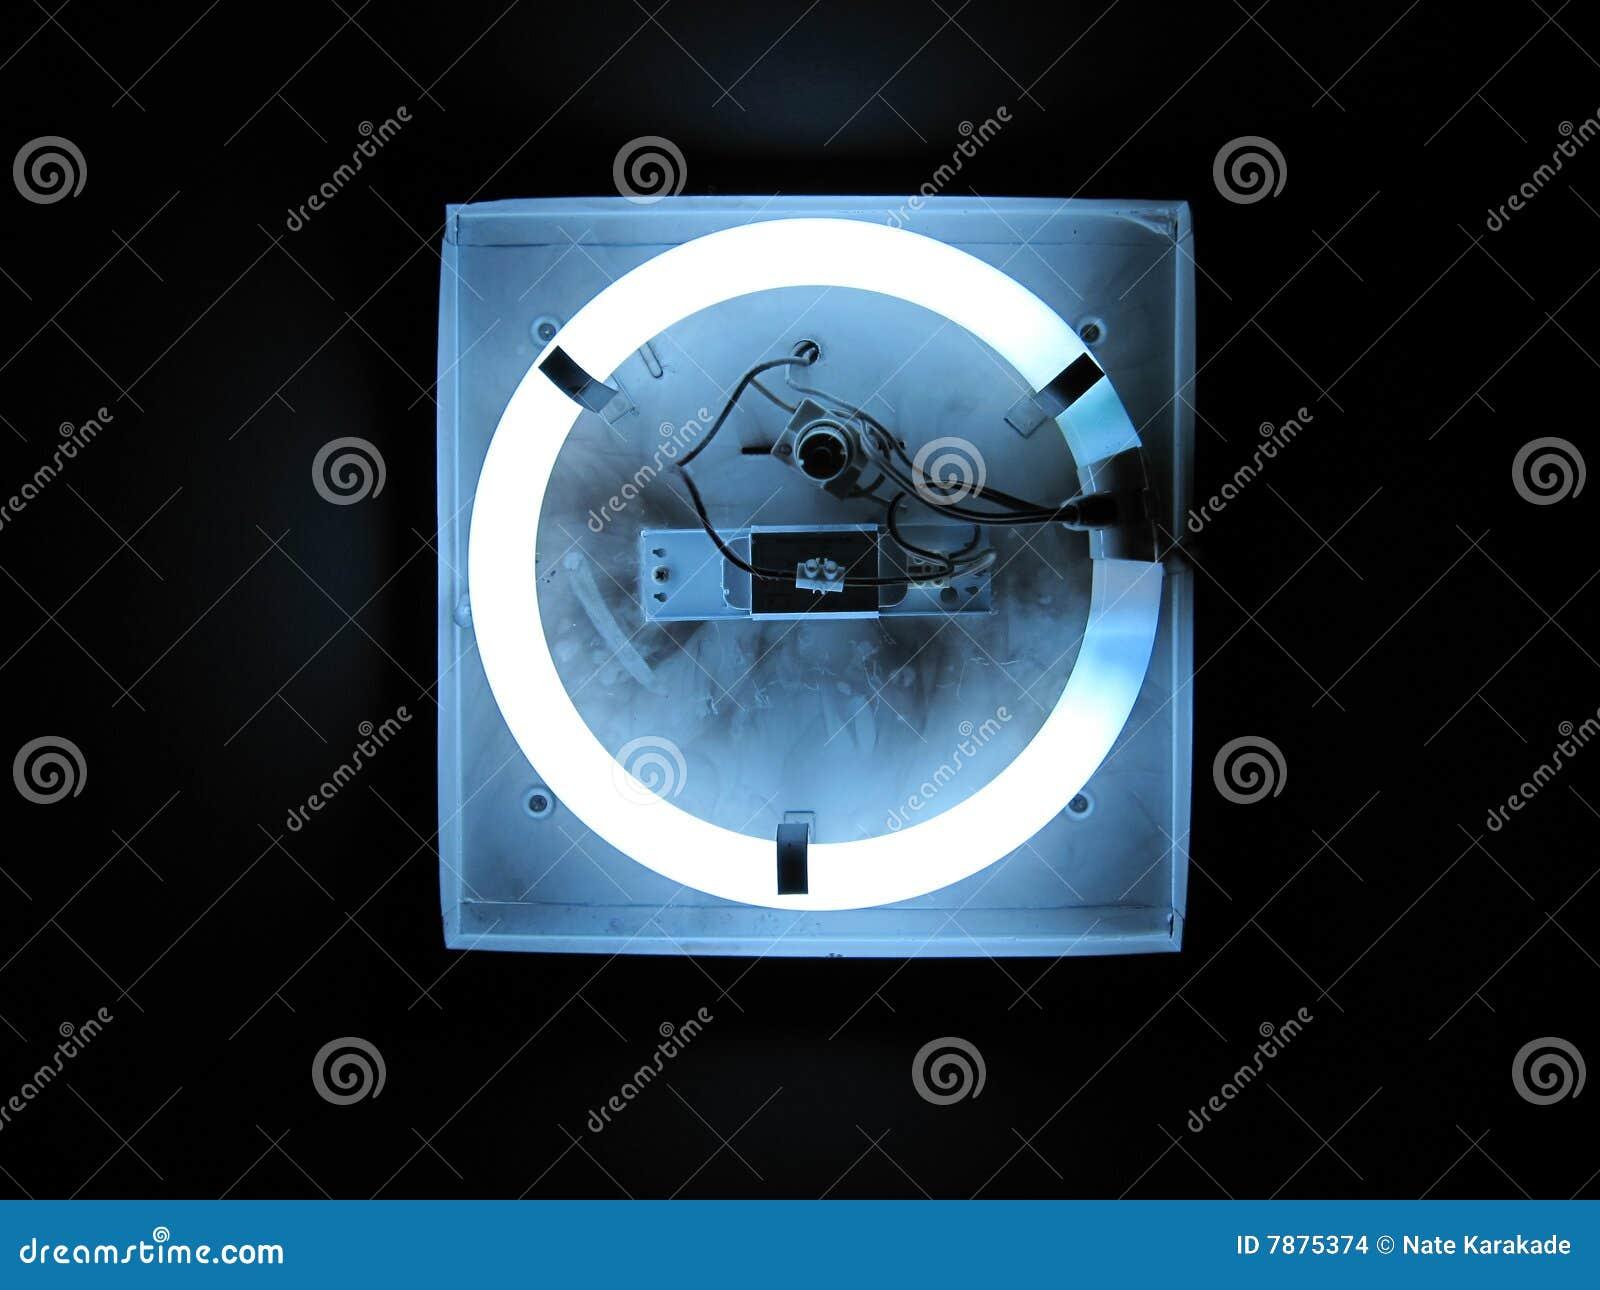 Schema Elettrico Neon Circolare : Indicatore luminoso al neon circolare fotografia stock